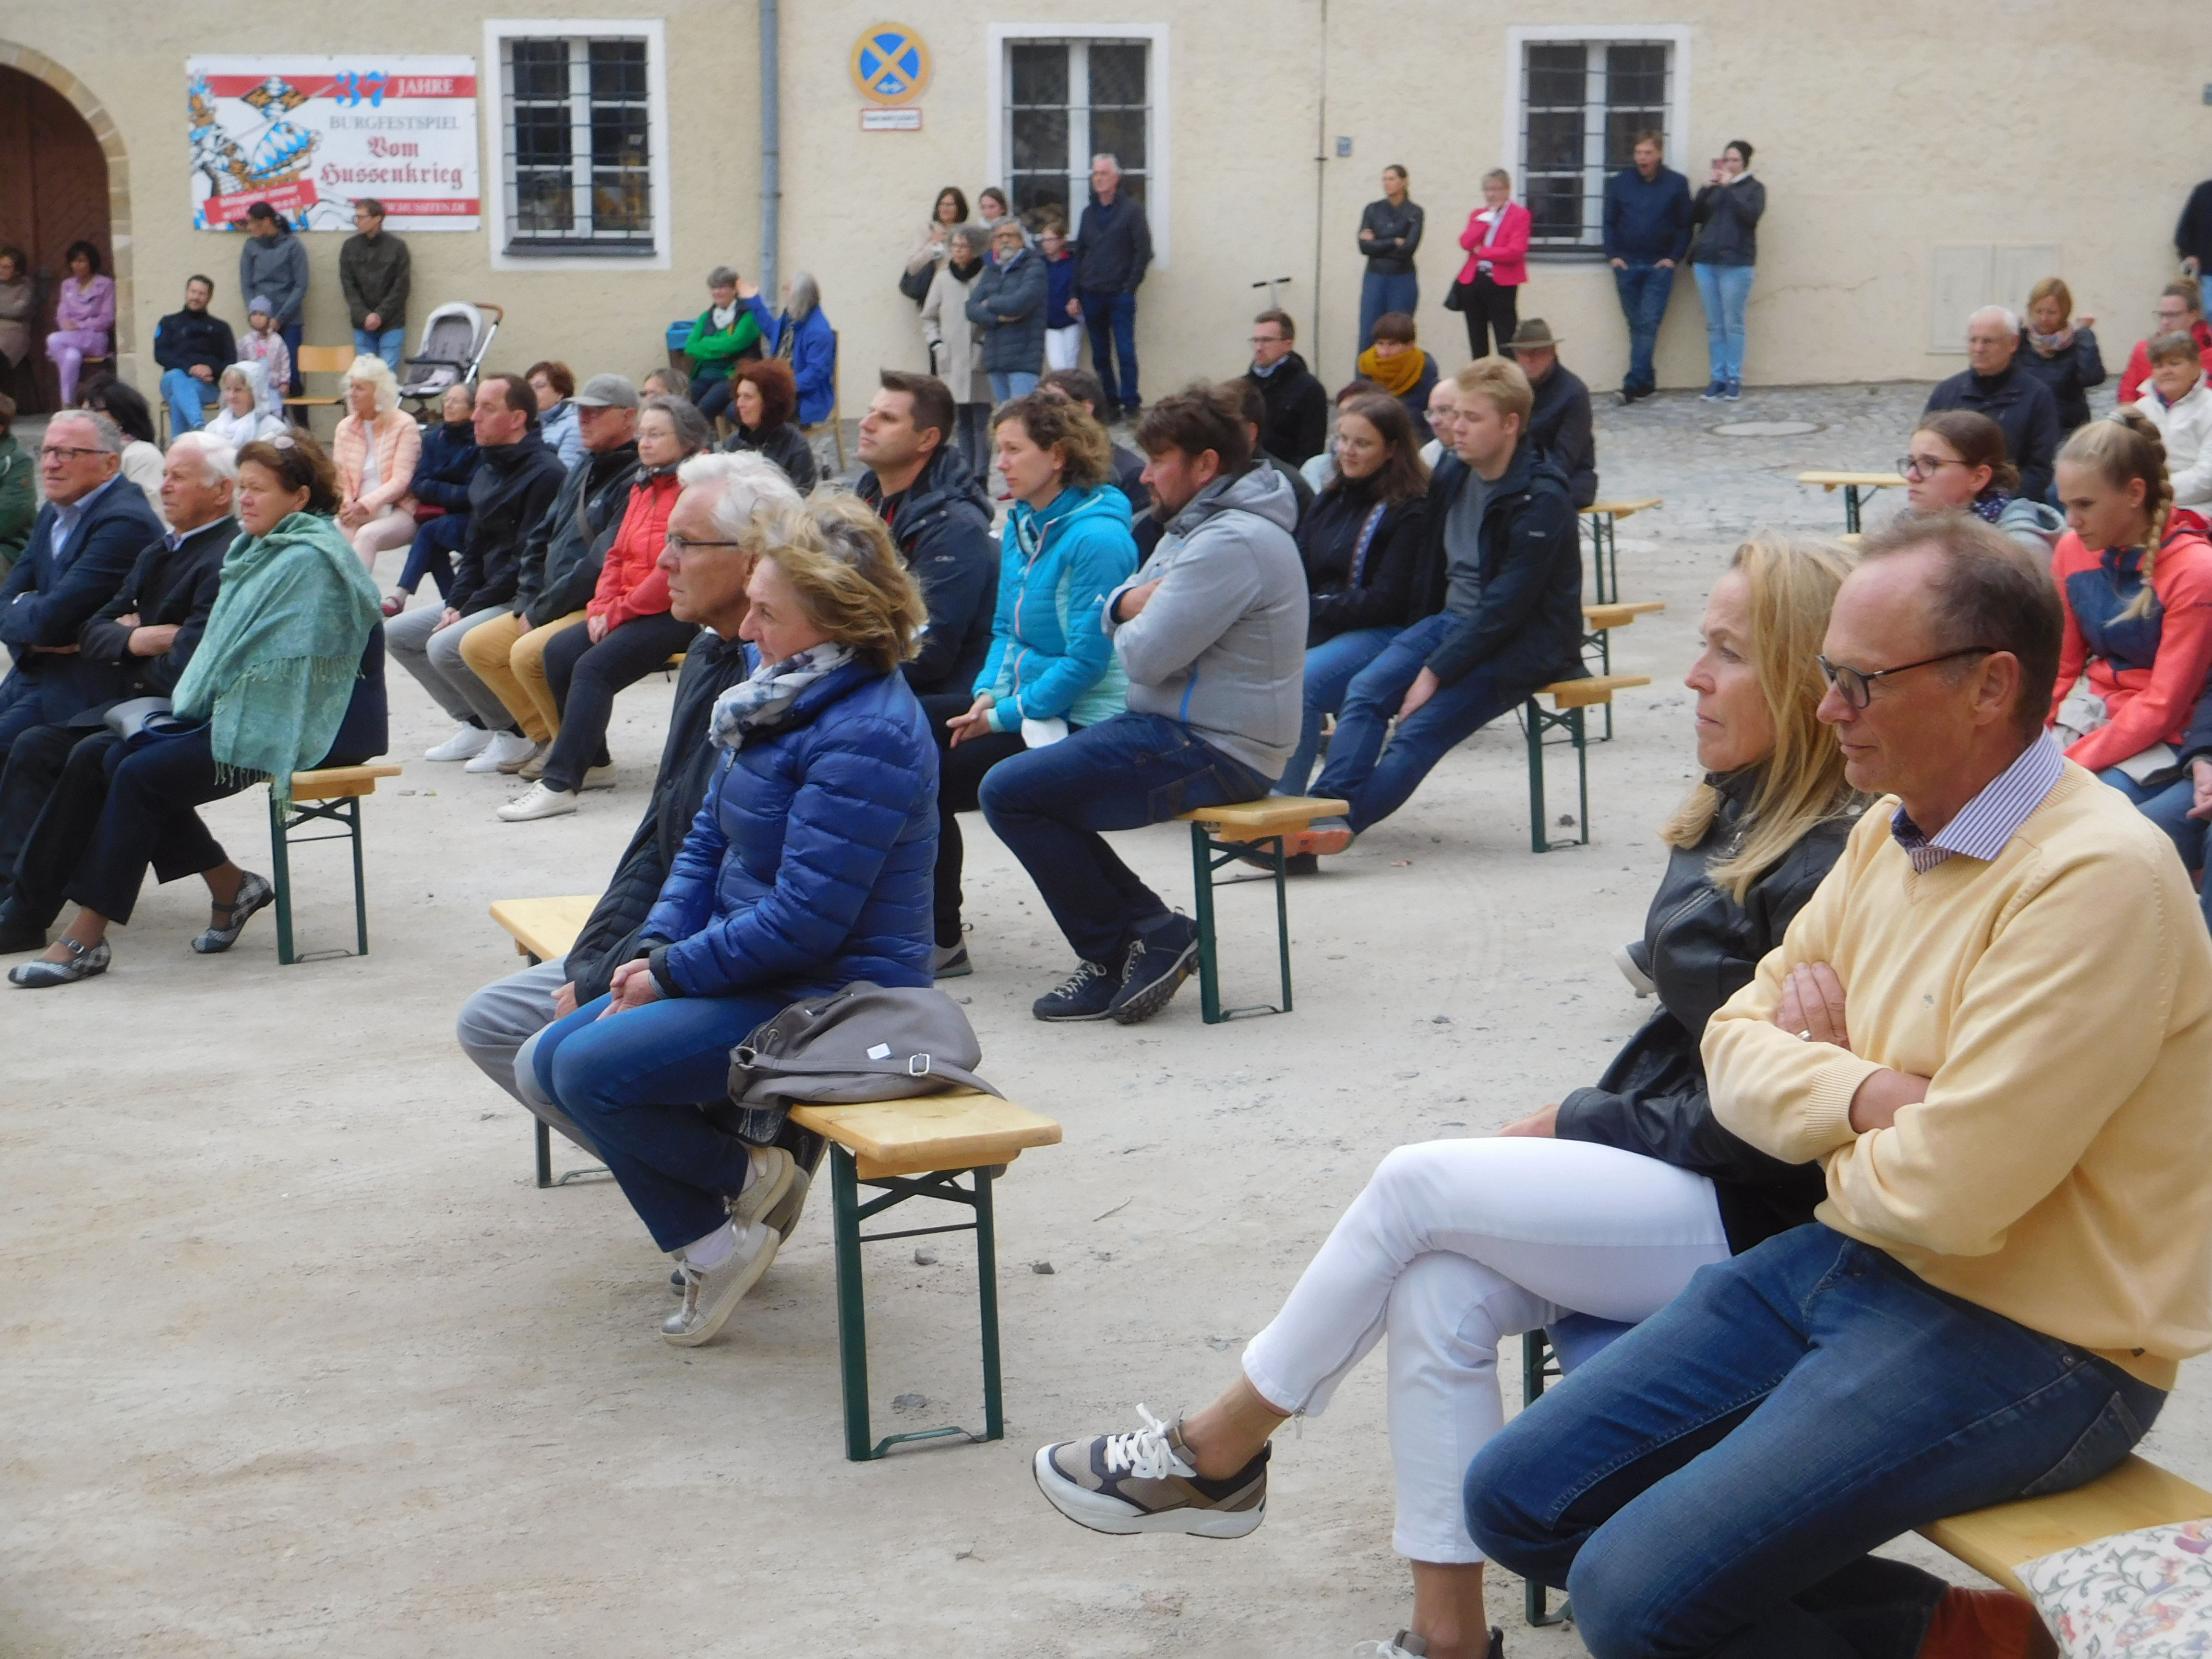 Bei herbstlichen Temperaturen ließen sich Zuhörerinnen und Zuhörer von den Melodien und Rhythmen des Reservistenmusikzugs erwärmen.